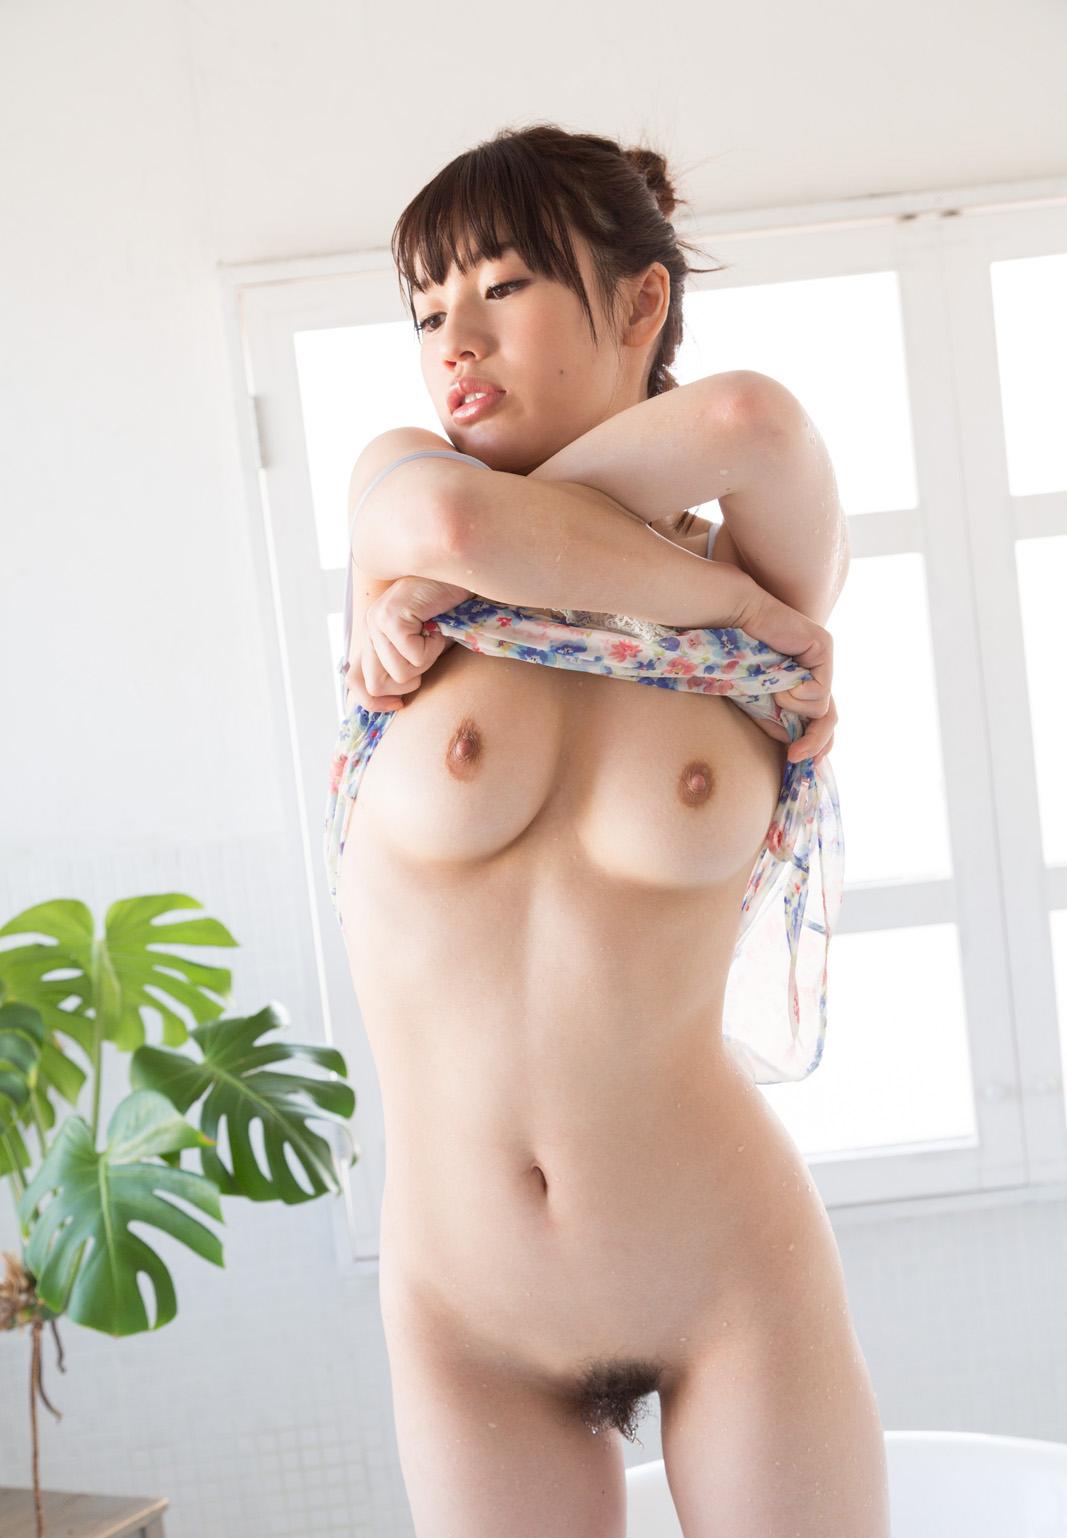 本田莉子 画像 35